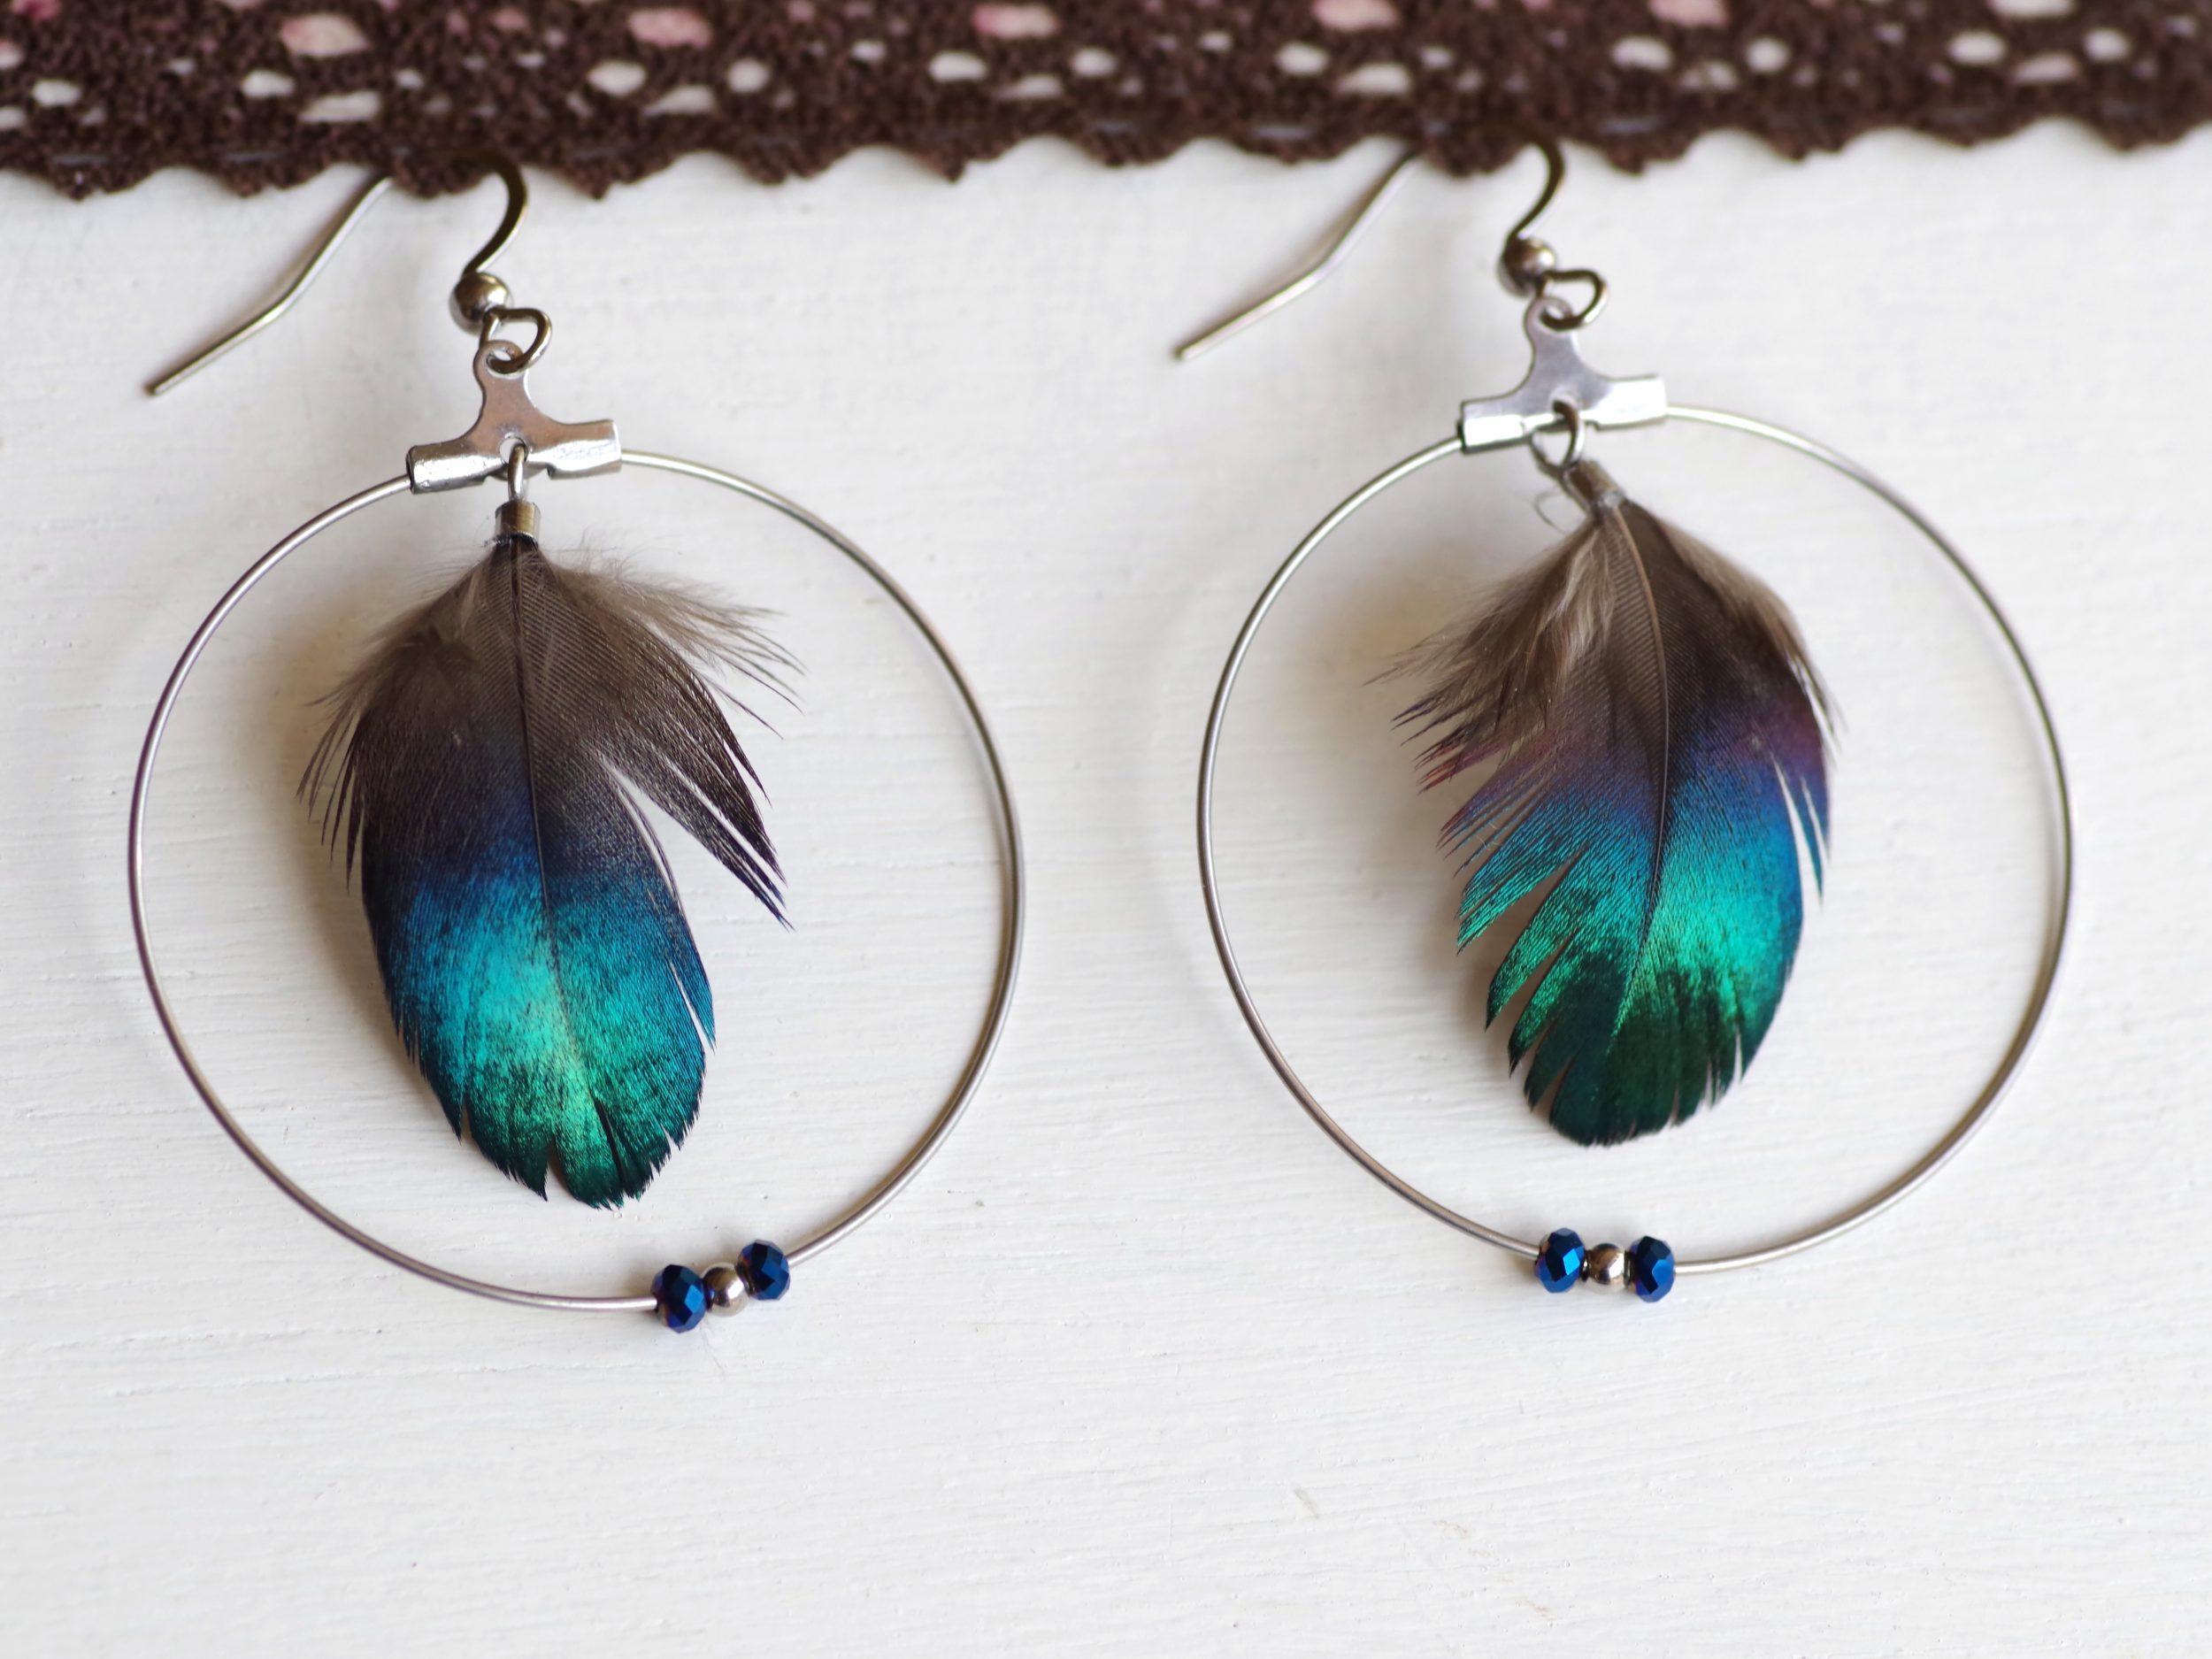 boucles d'oreilles à plumes bleues aux reflets brillants dans des anneaux argentés agrémentés de trois petites perles assorties aux plumes